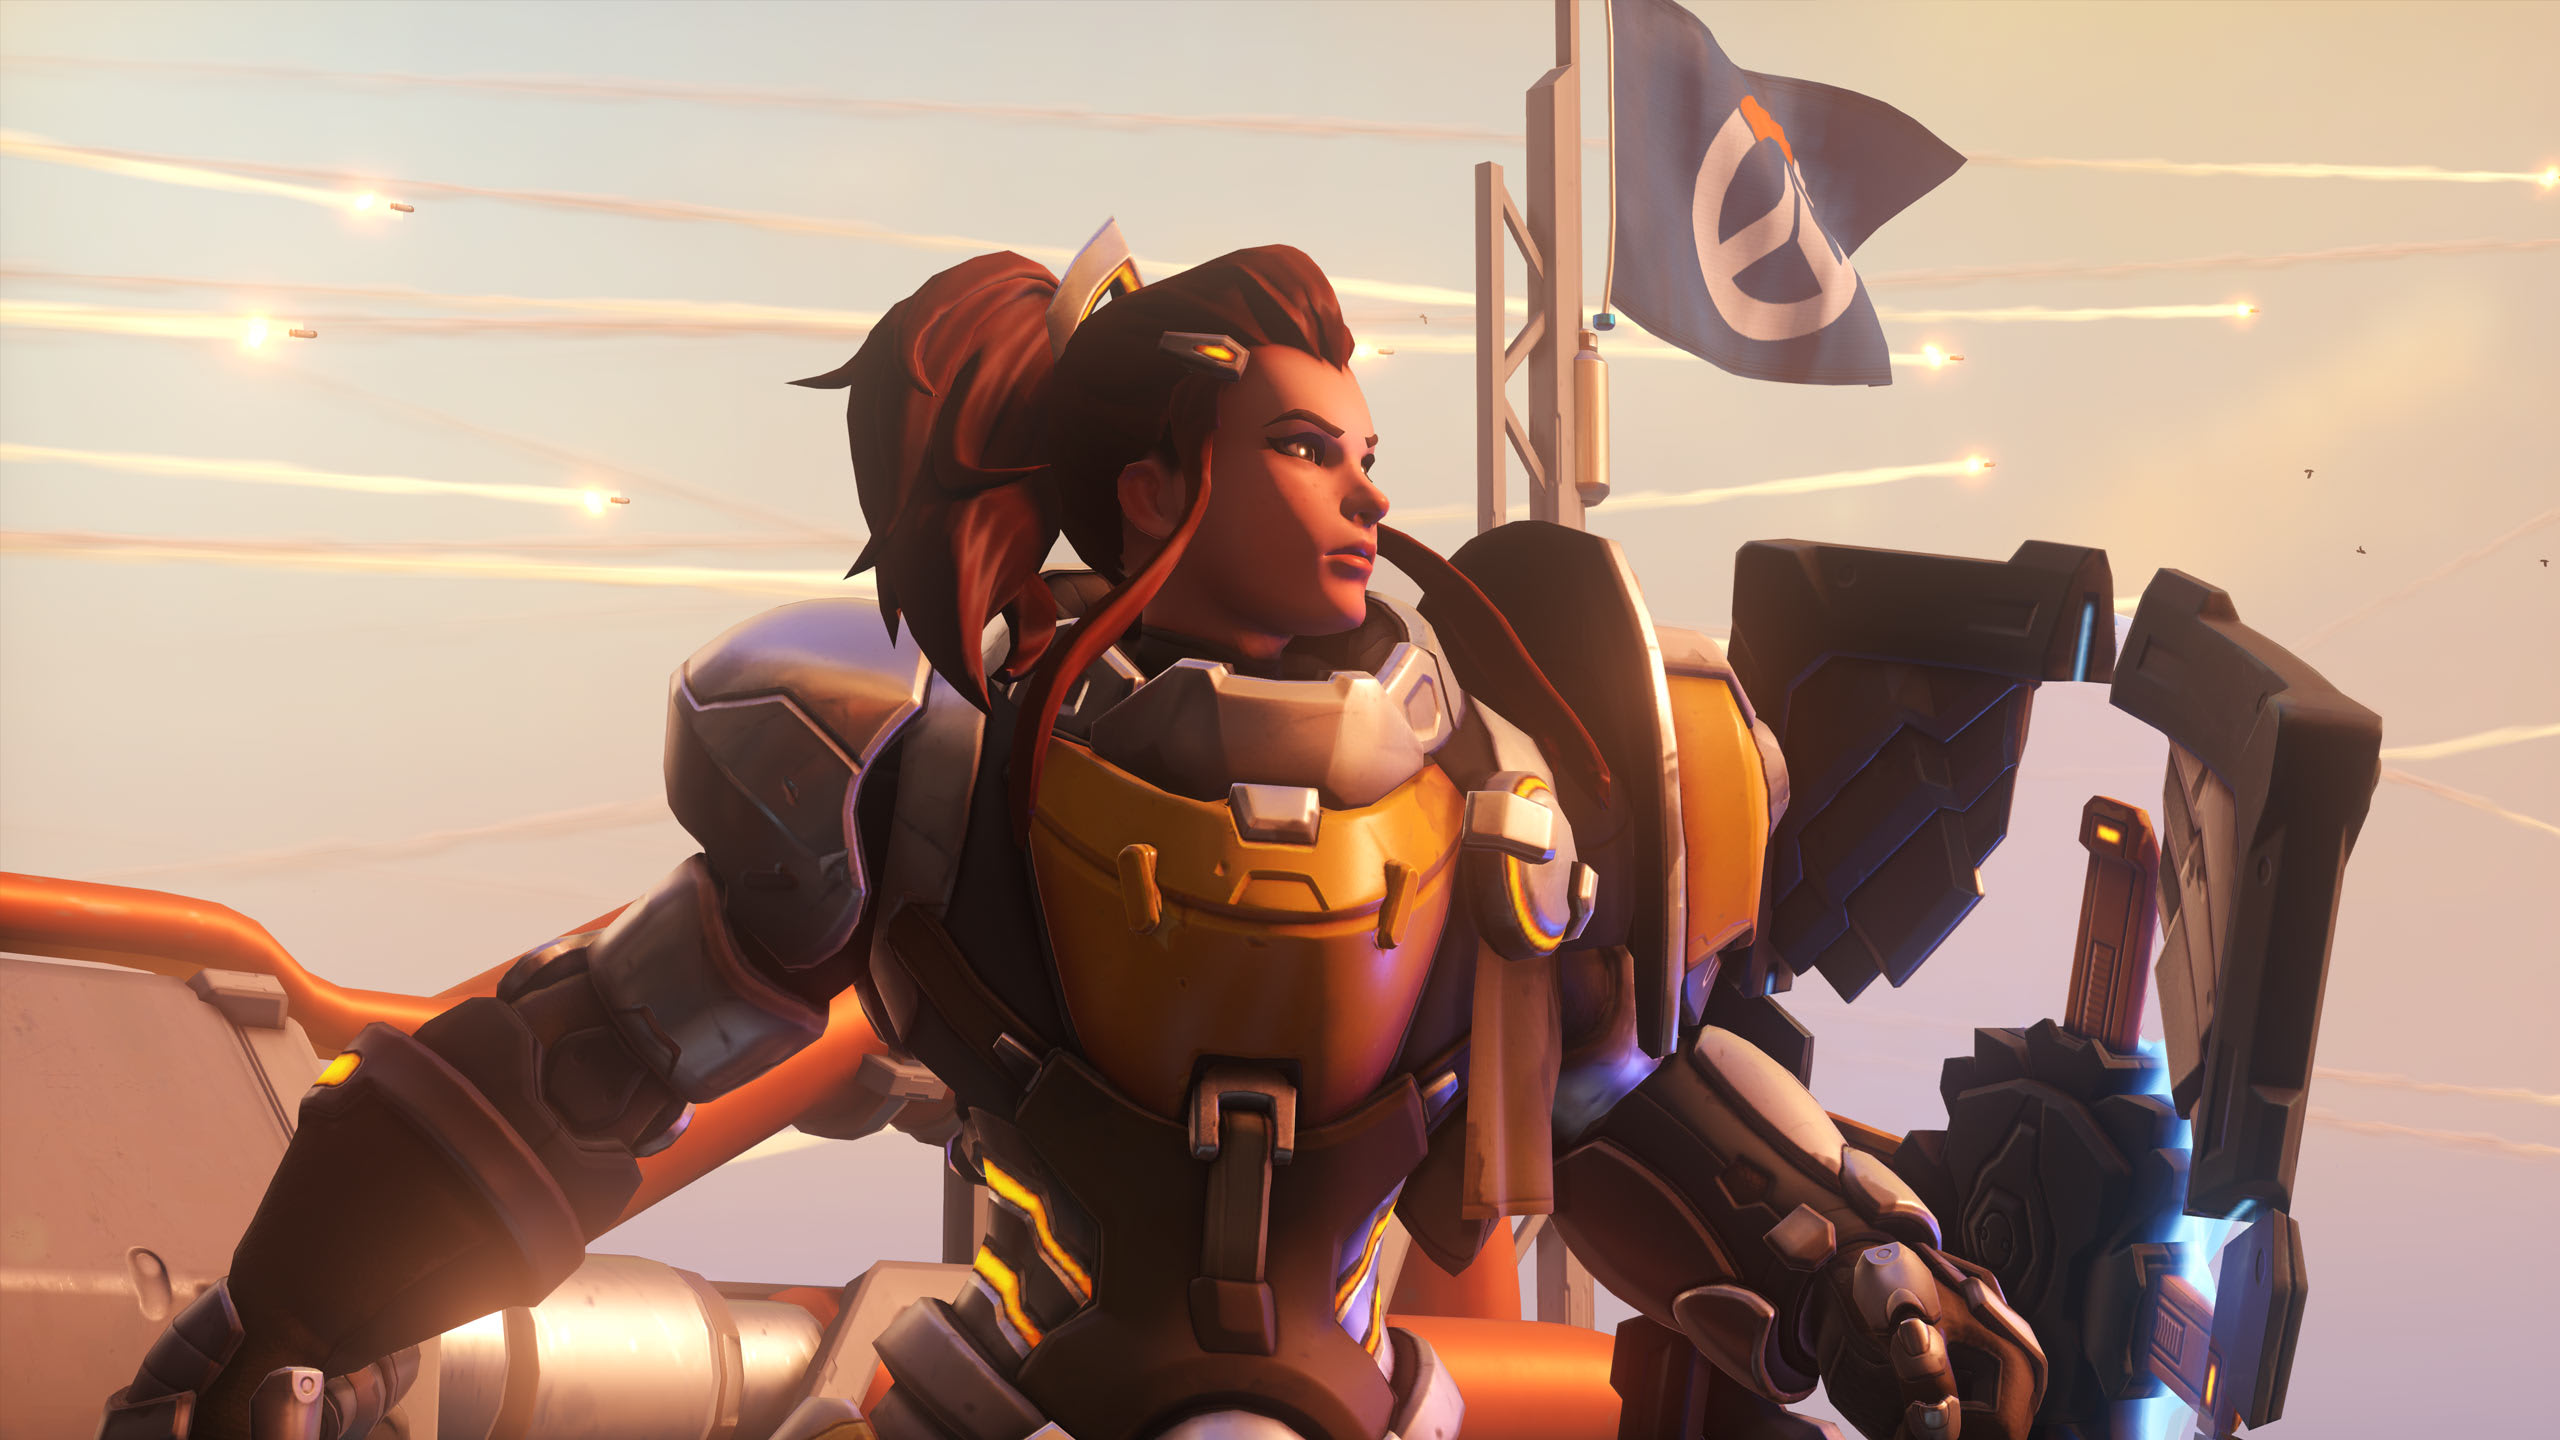 Play the new 'Overwatch' battle healer hero Brigitte today